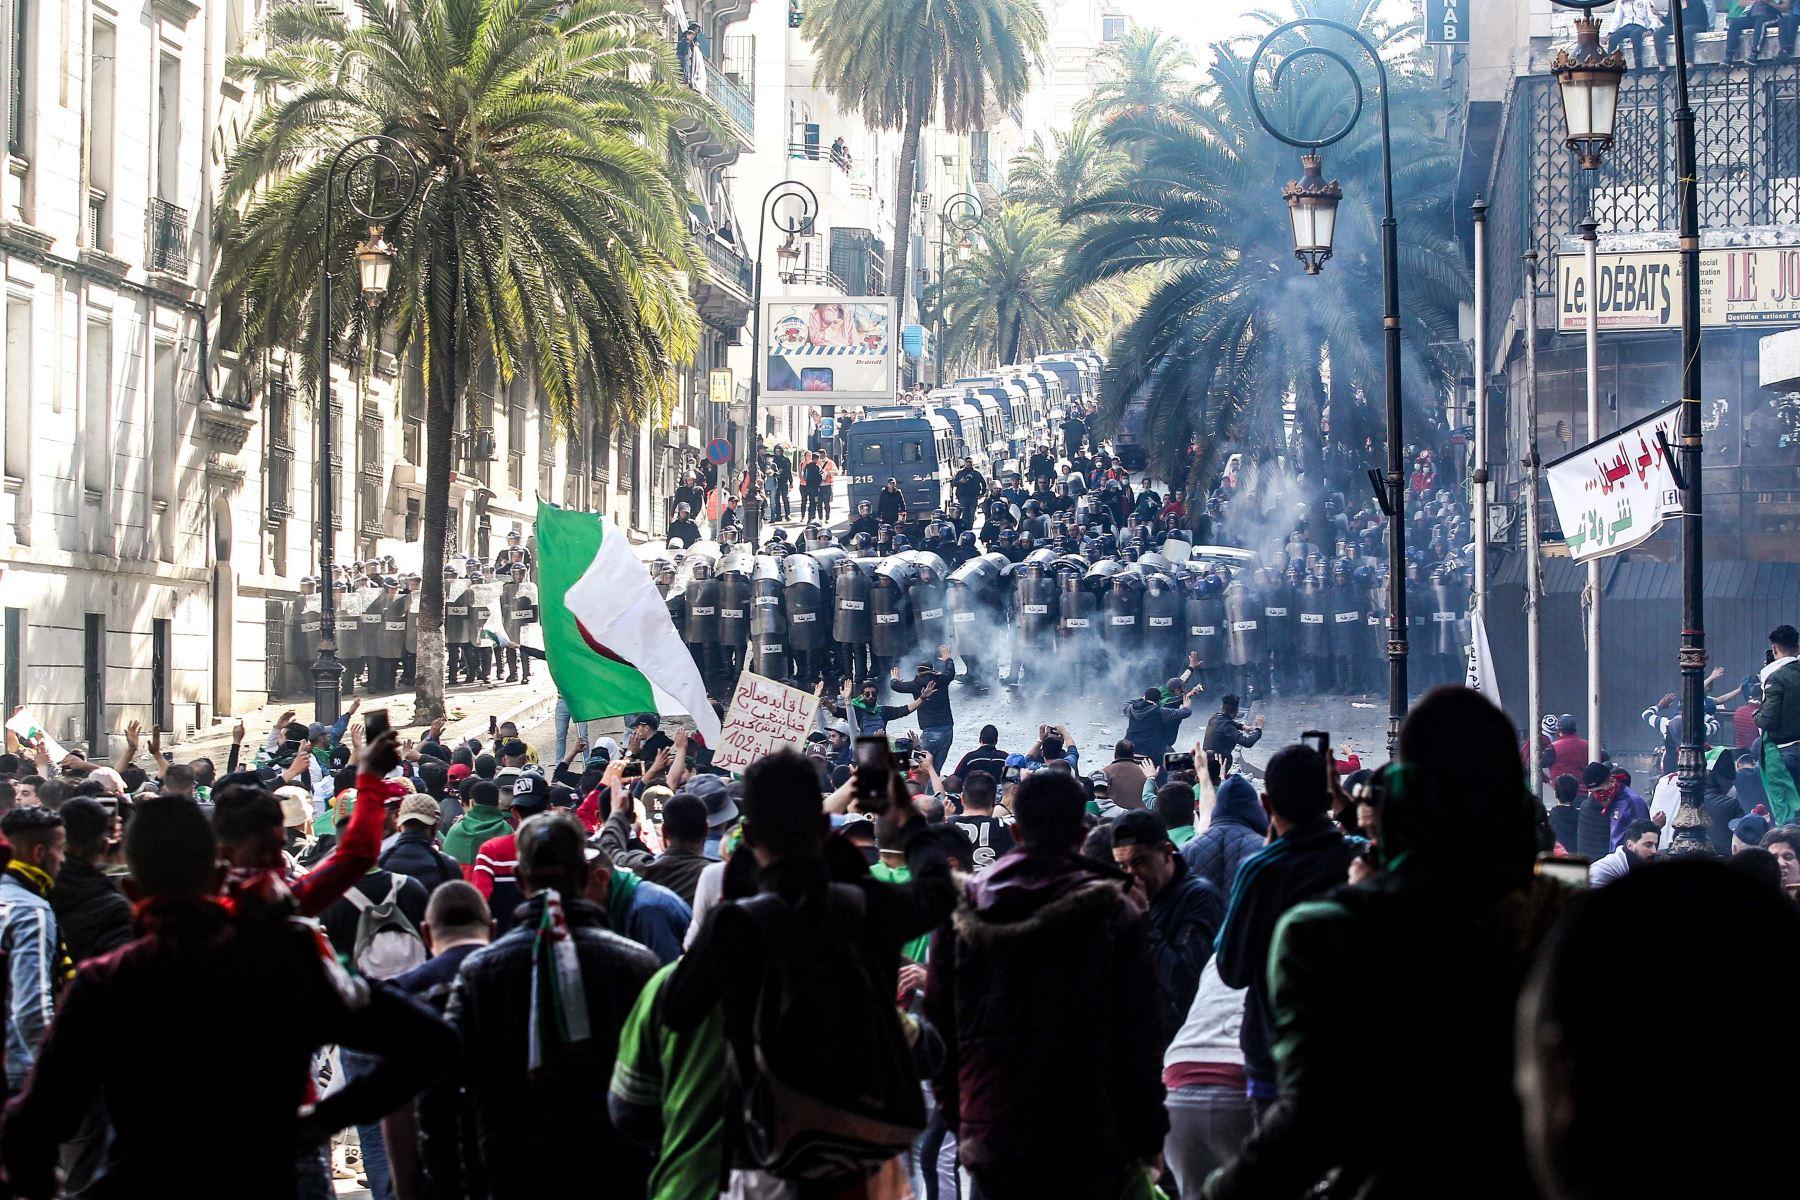 Los manifestantes argelinos se reúnen ante la policía antidisturbios durante una manifestación antigubernamental en la capital Argel el 12 de abril de 2019. Foto: AFP